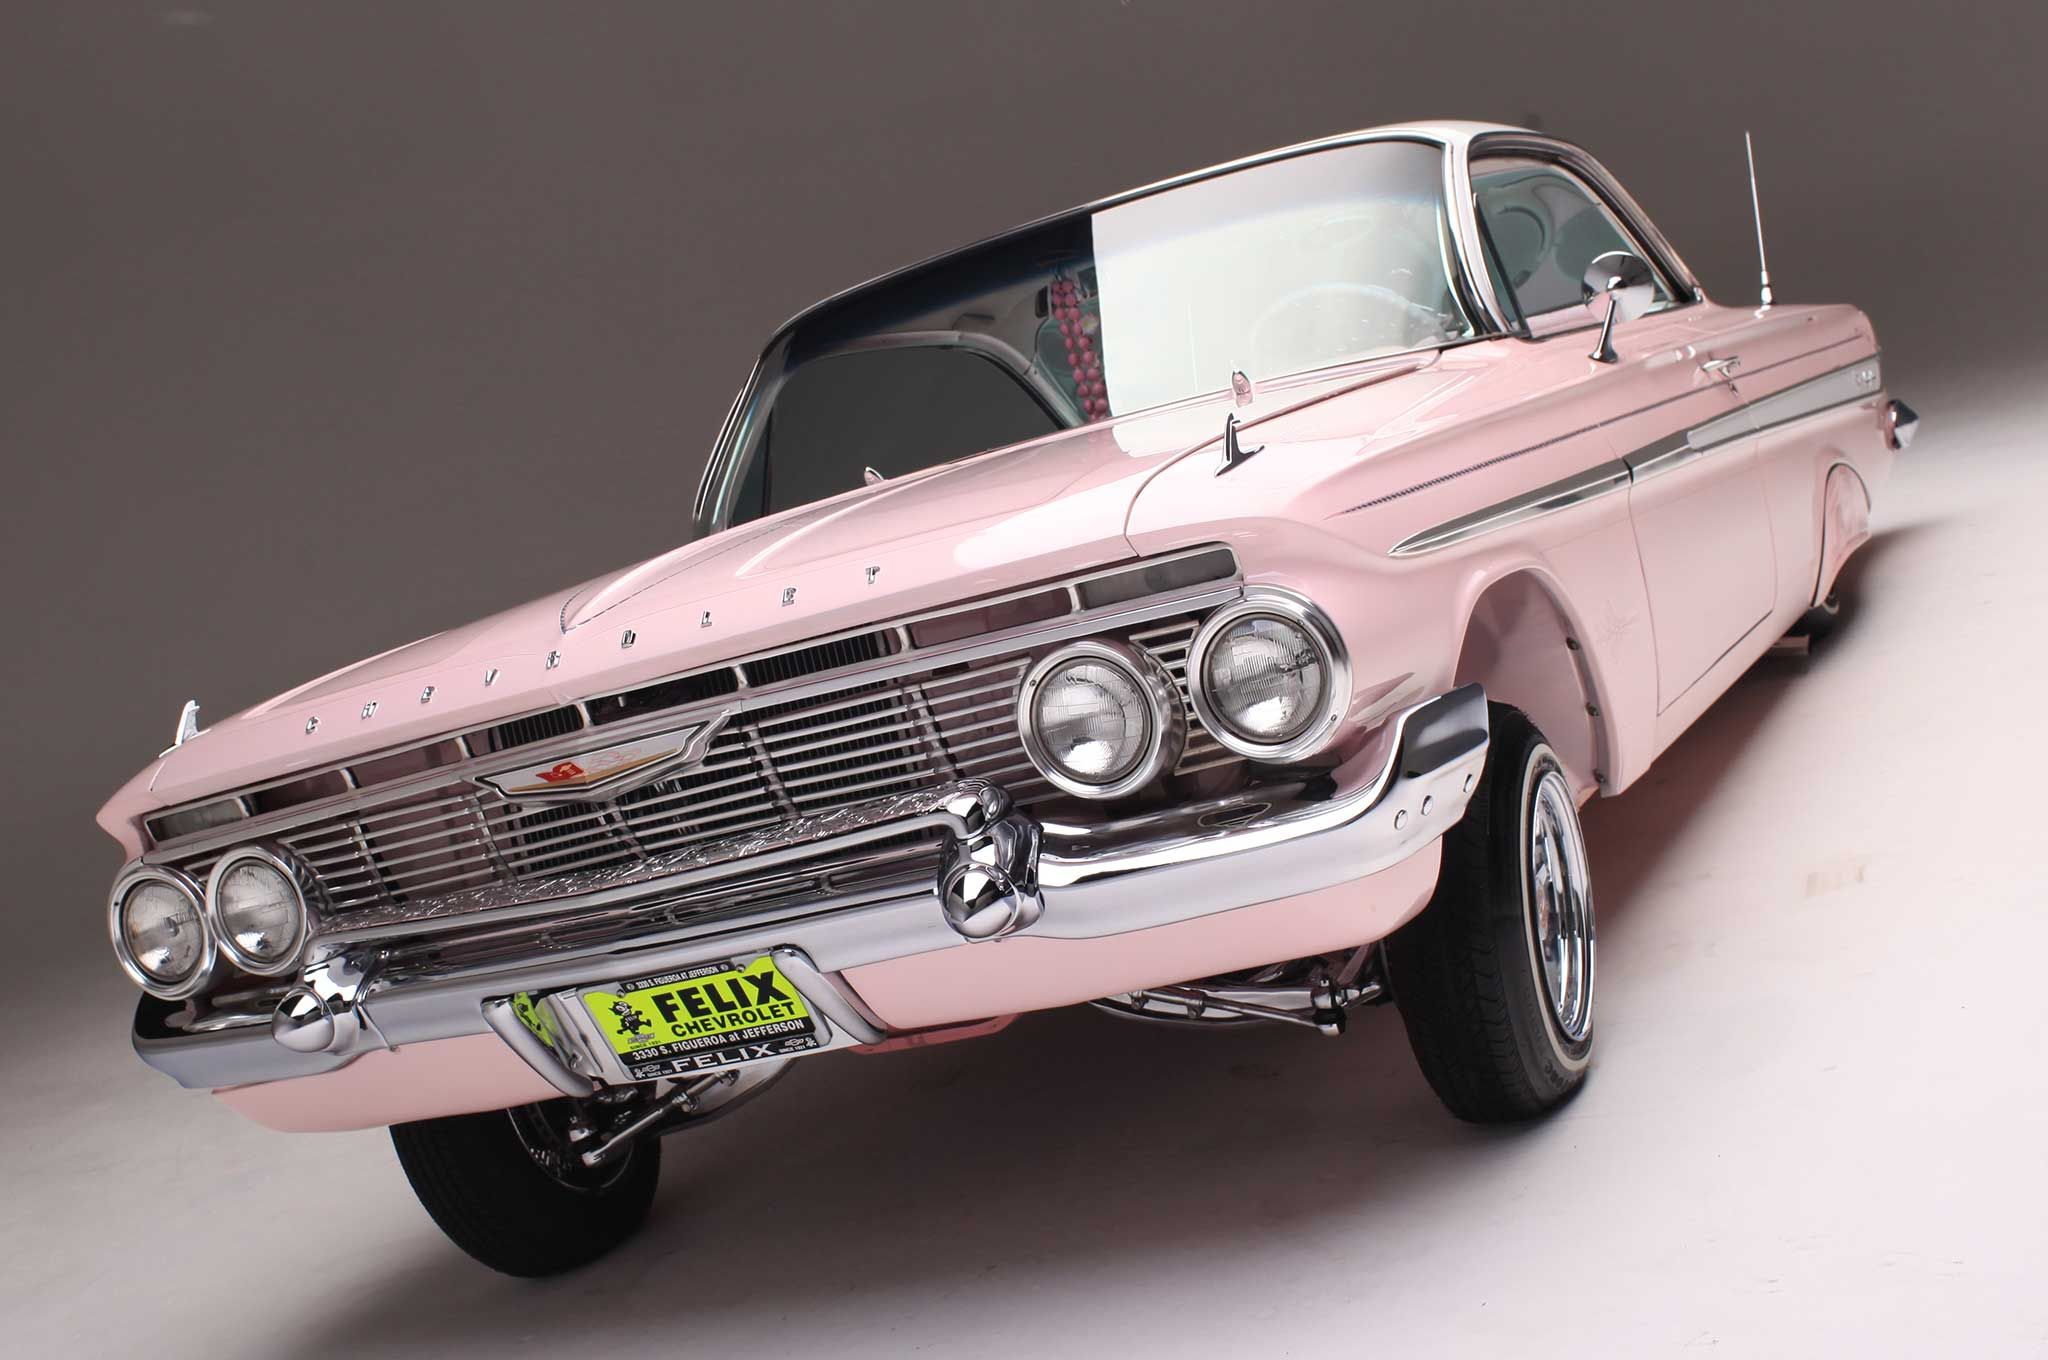 Kelebihan Kekurangan Chevrolet Impala 1961 Perbandingan Harga